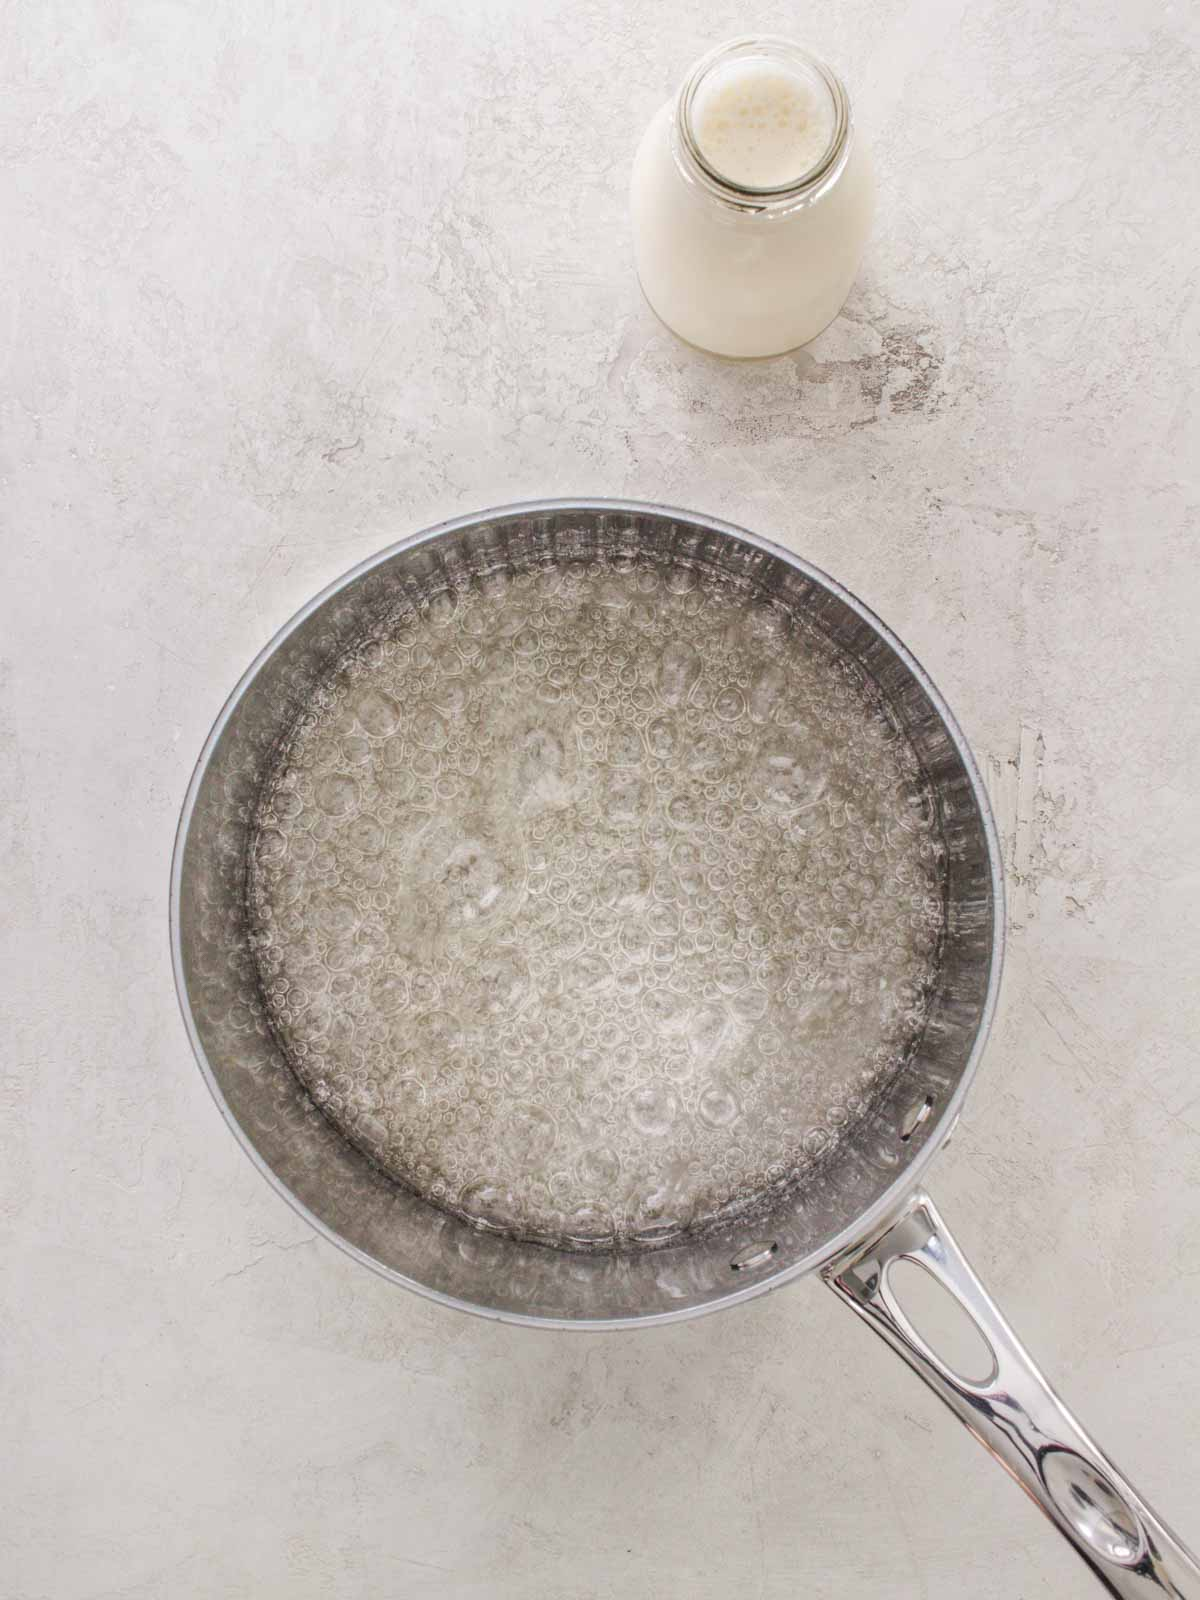 sugar boiling